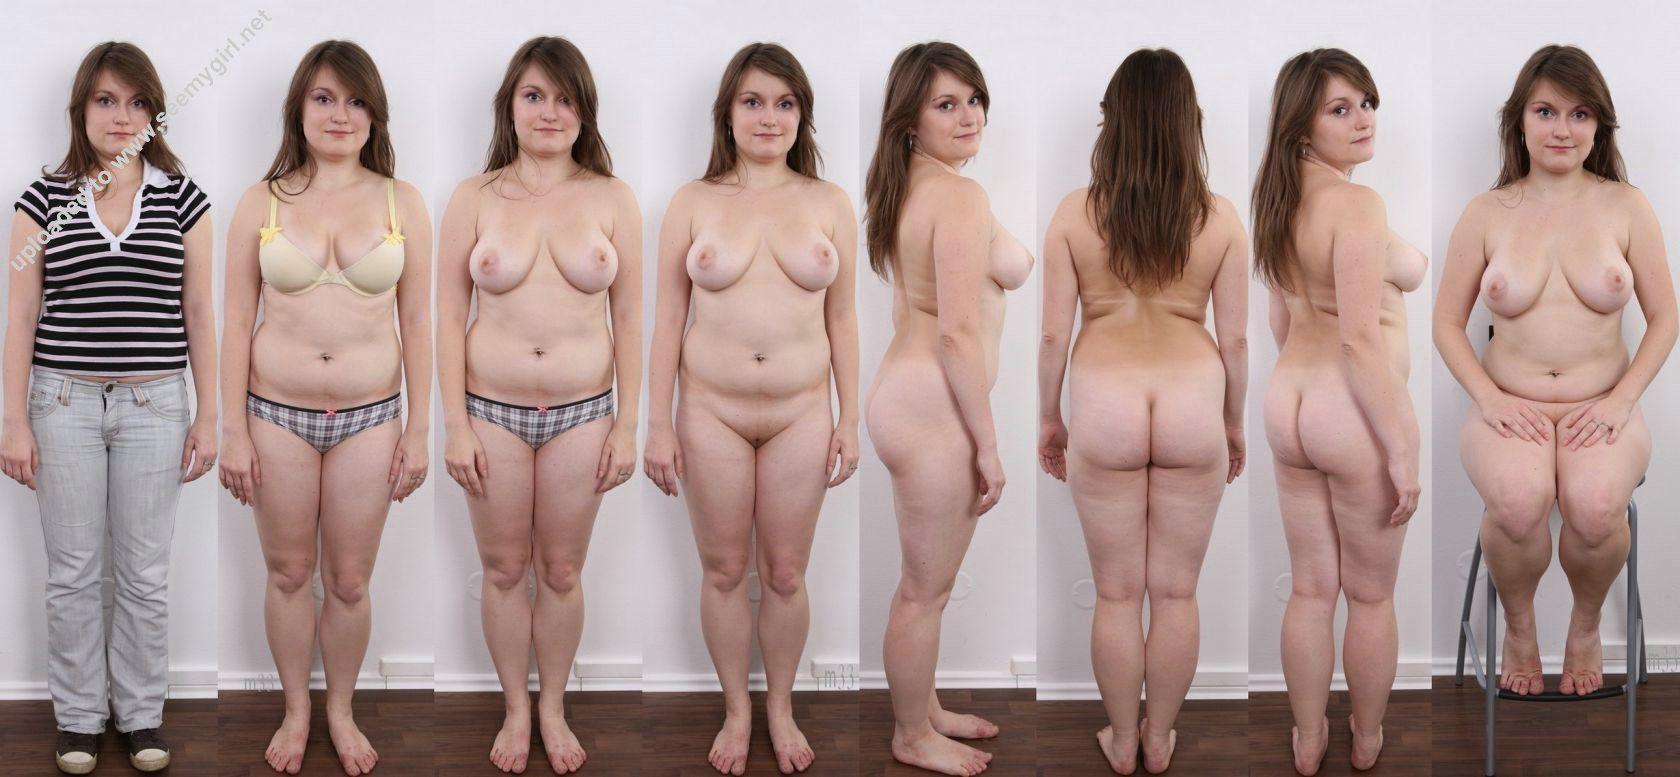 балансе духовного порно кастинг полненьких девушек впервые обладал